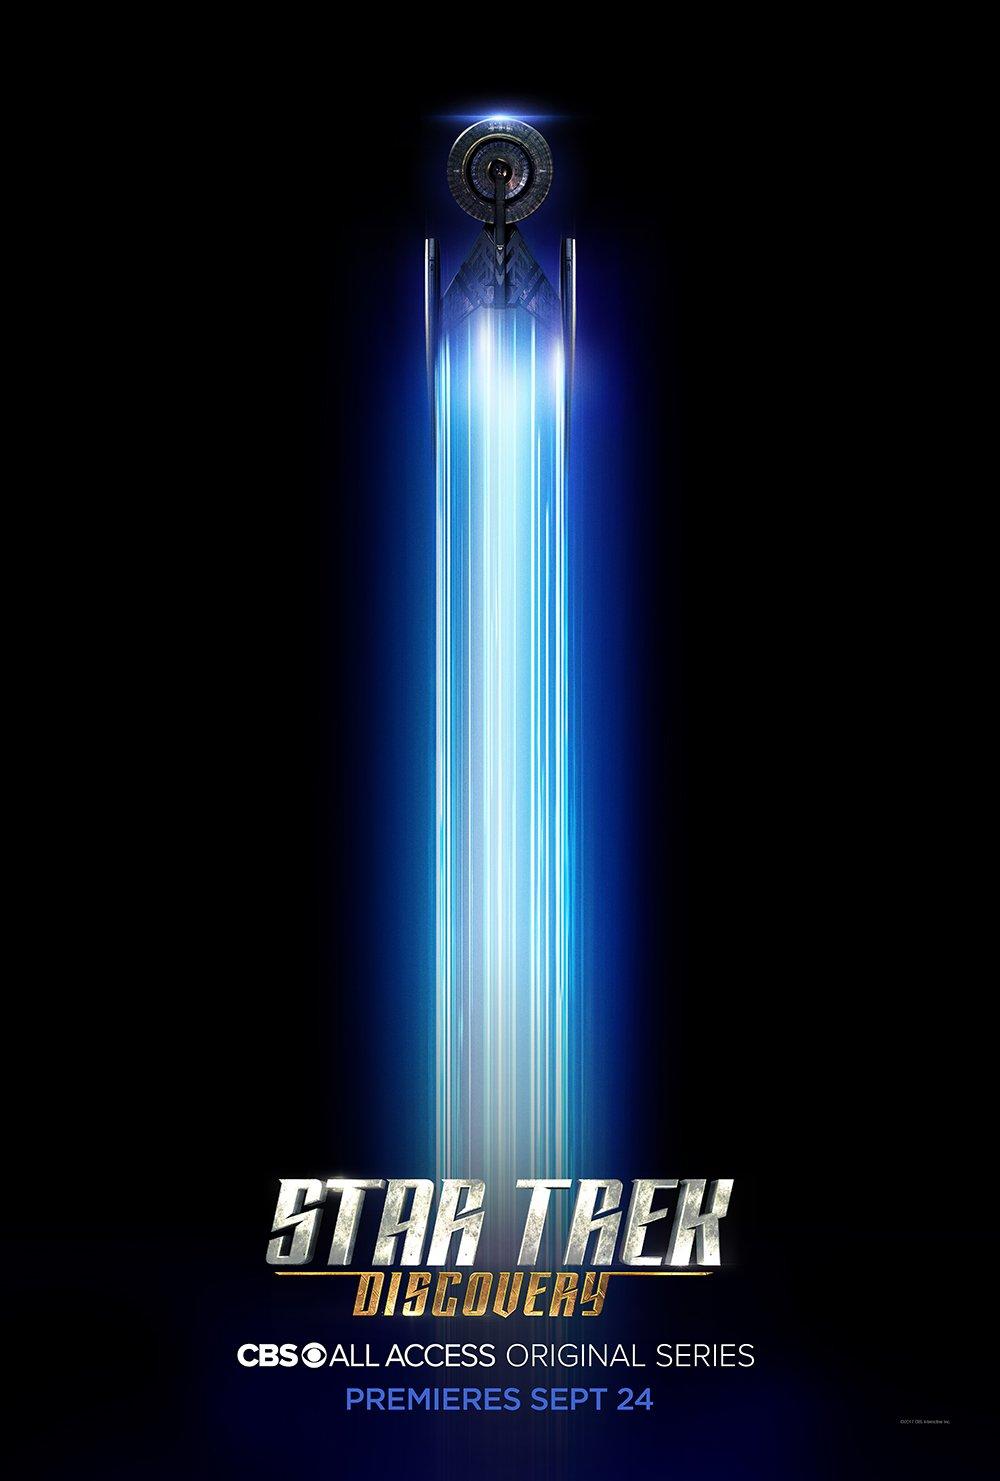 Star Trek Discovery Jonathan Frakes Poster 2